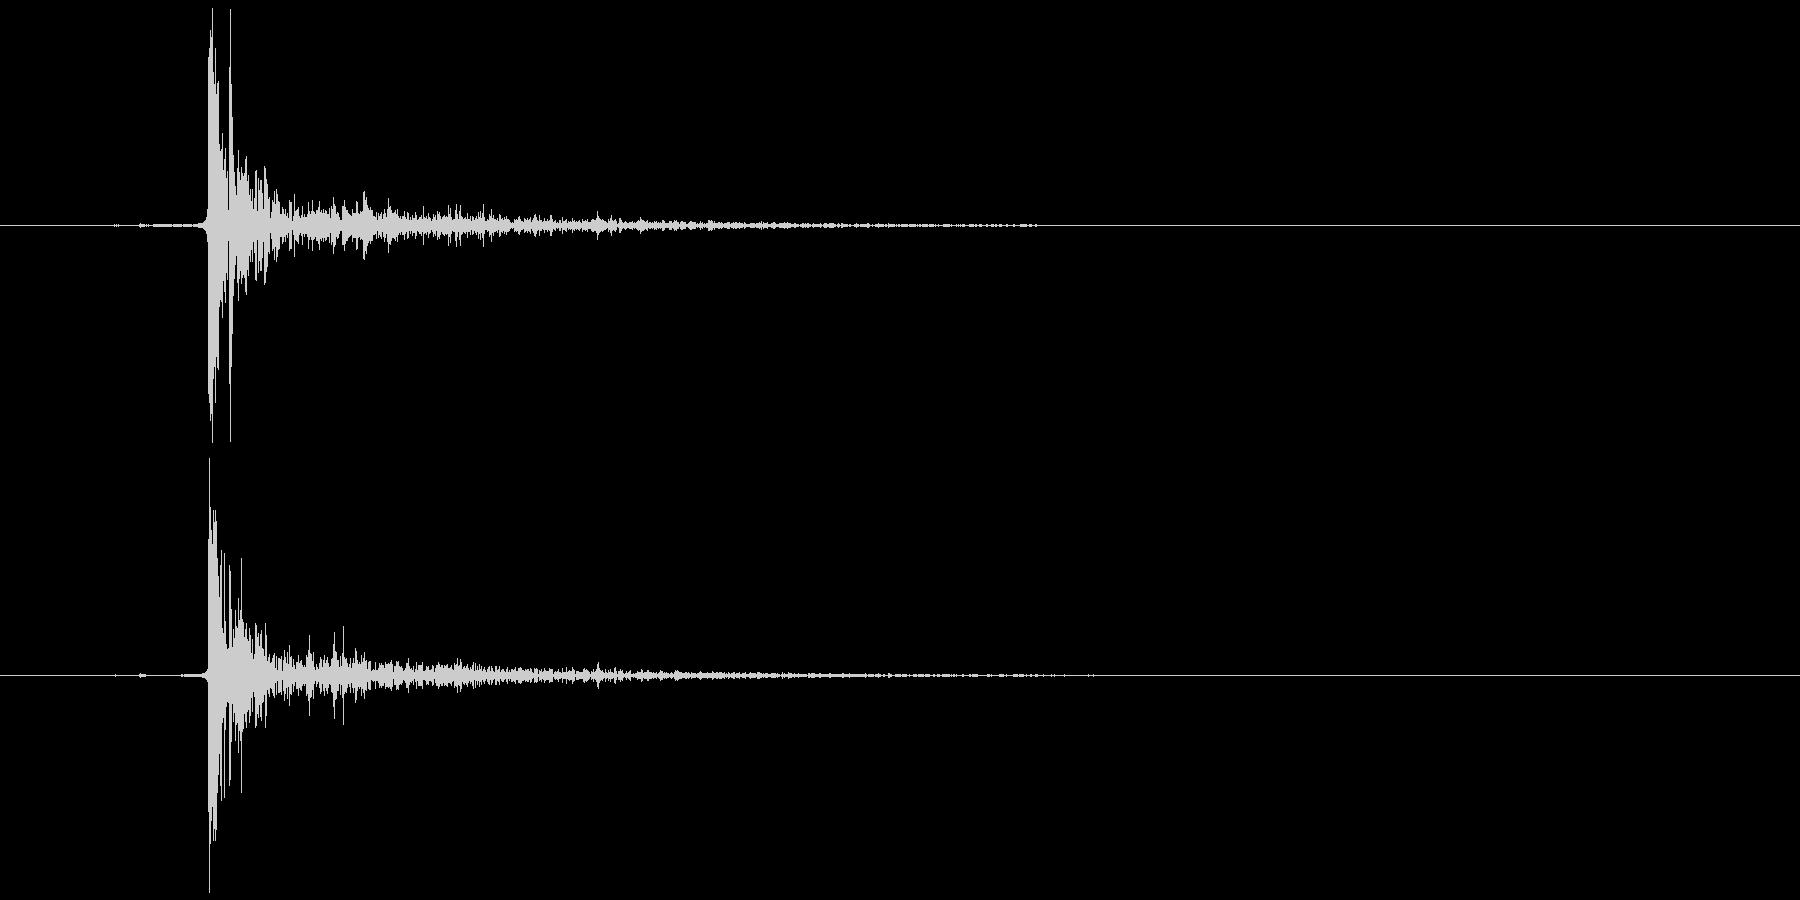 ぷちぷち 破裂音 高音 (強め)の未再生の波形